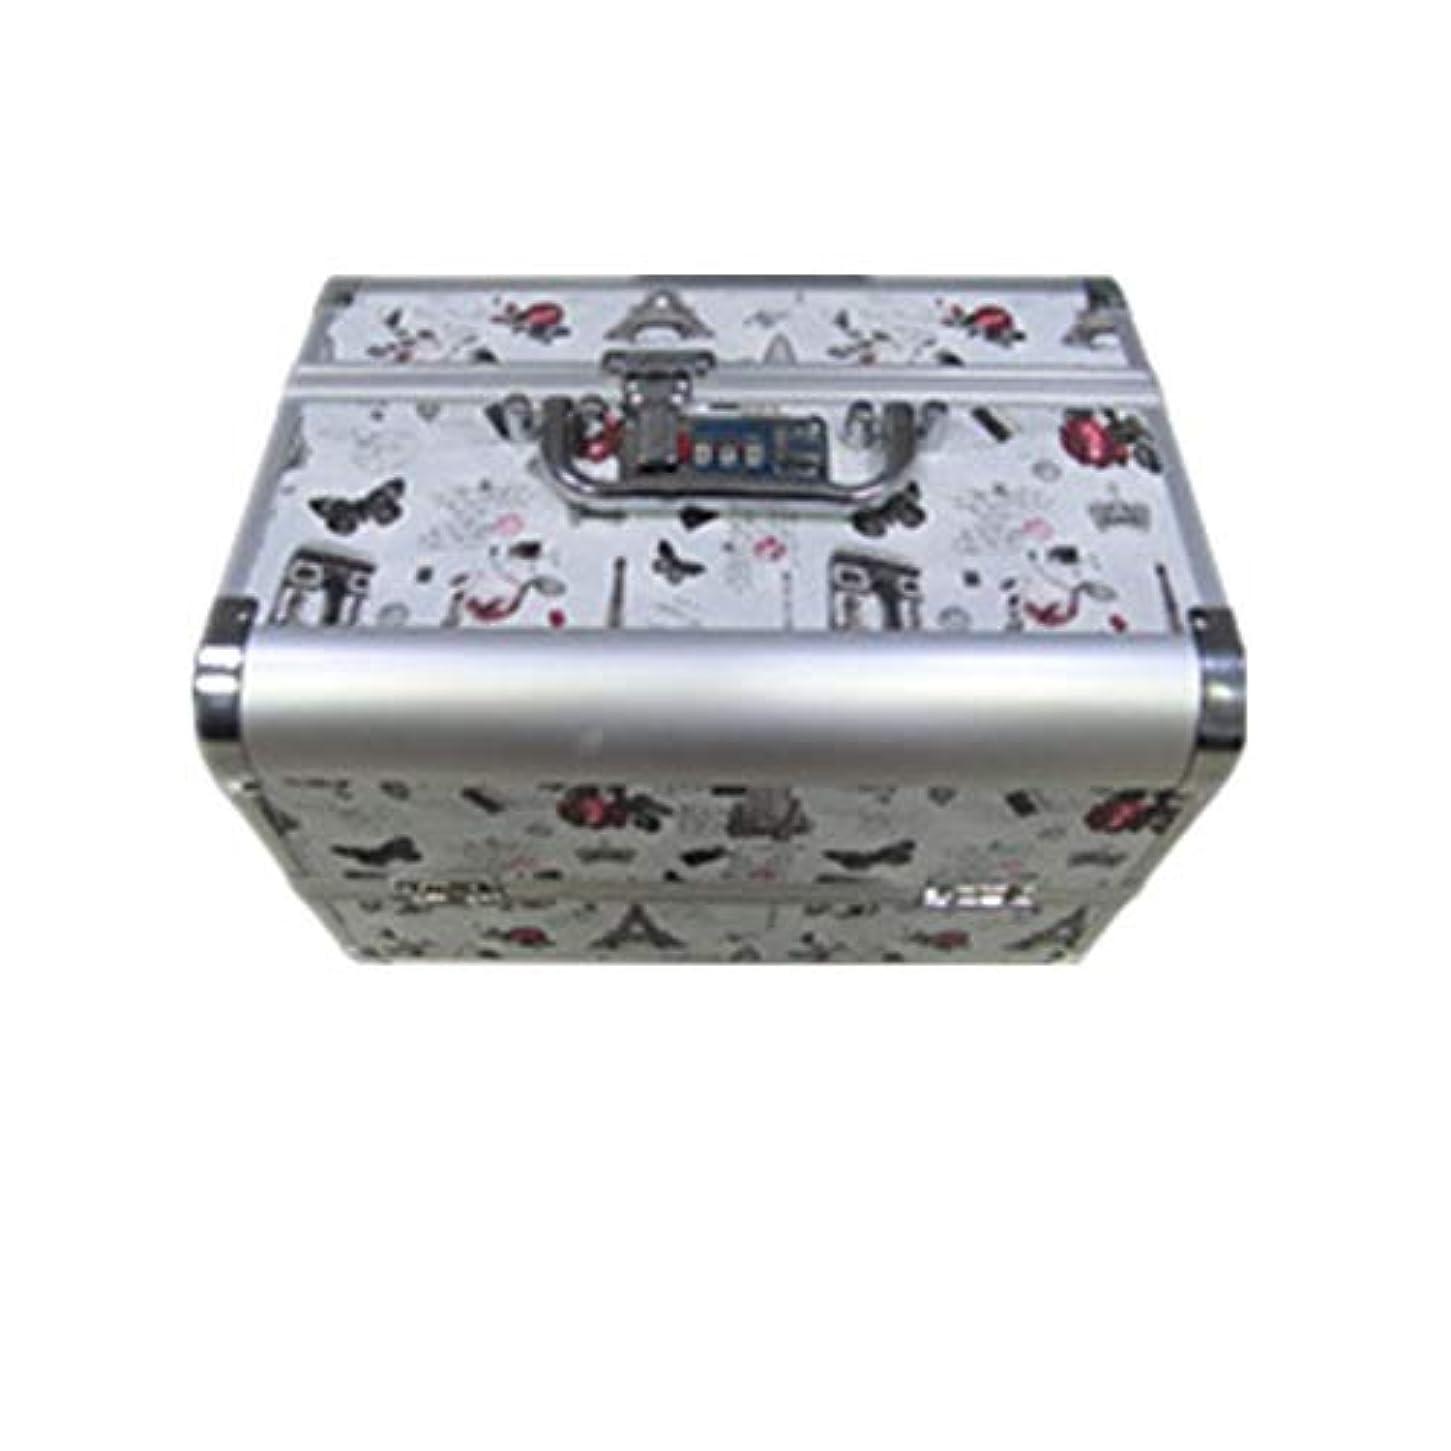 支給アテンダントメディック化粧オーガナイザーバッグ 大容量ポータブル化粧ケース(トラベルアクセサリー用)シャンプーボディウォッシュパーソナルアイテム収納トレイ(エクステンショントレイ付) 化粧品ケース